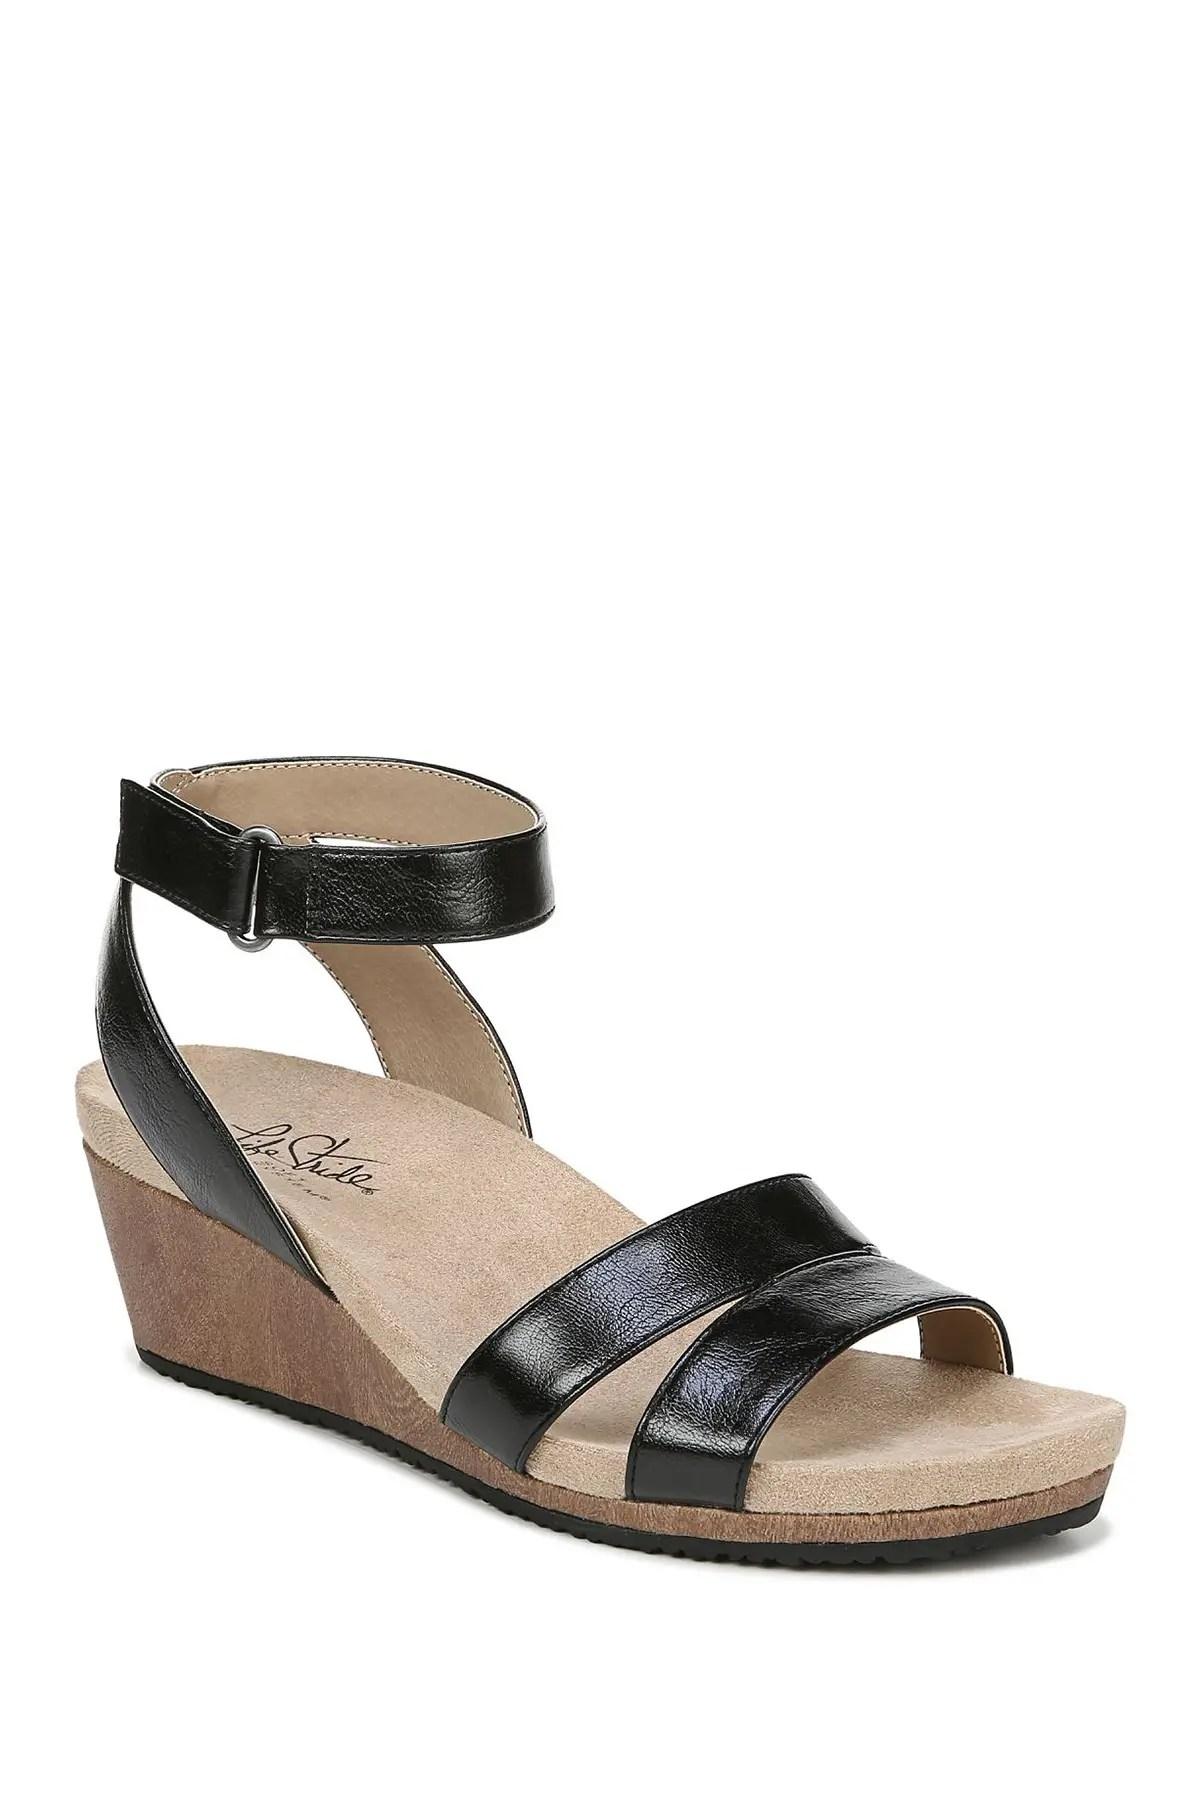 ladies shoes at nordstrom rack online